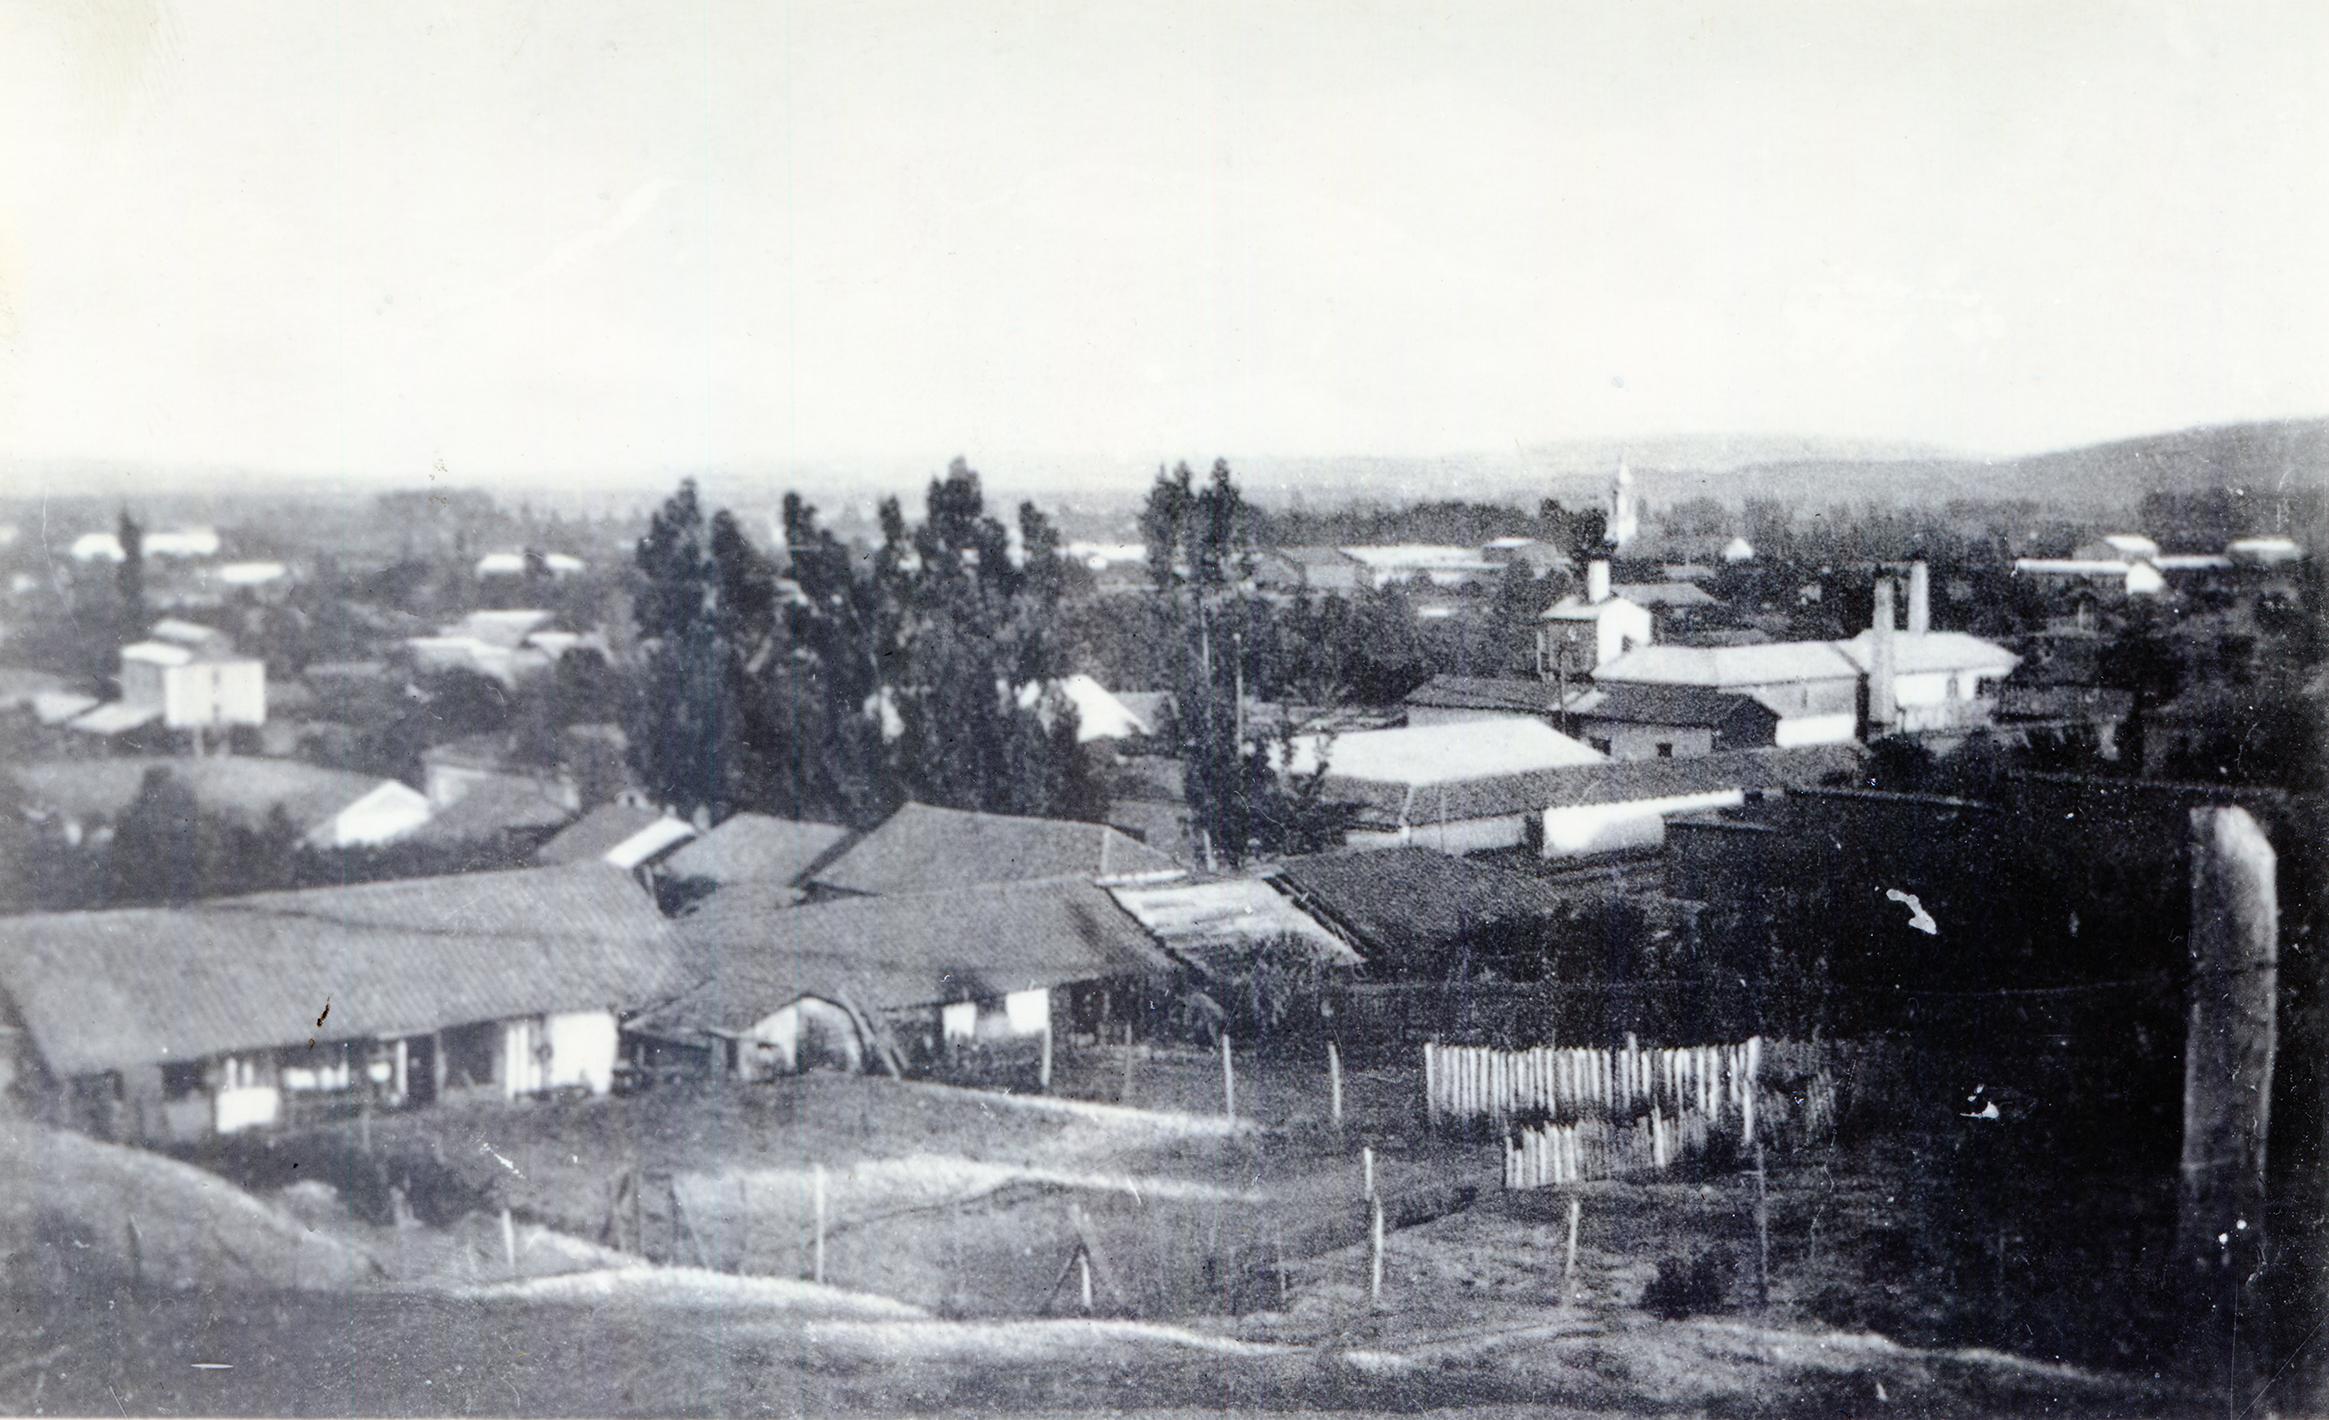 Enterreno - Fotos históricas de chile - fotos antiguas de Chile - Angol desde el cañón, 1915